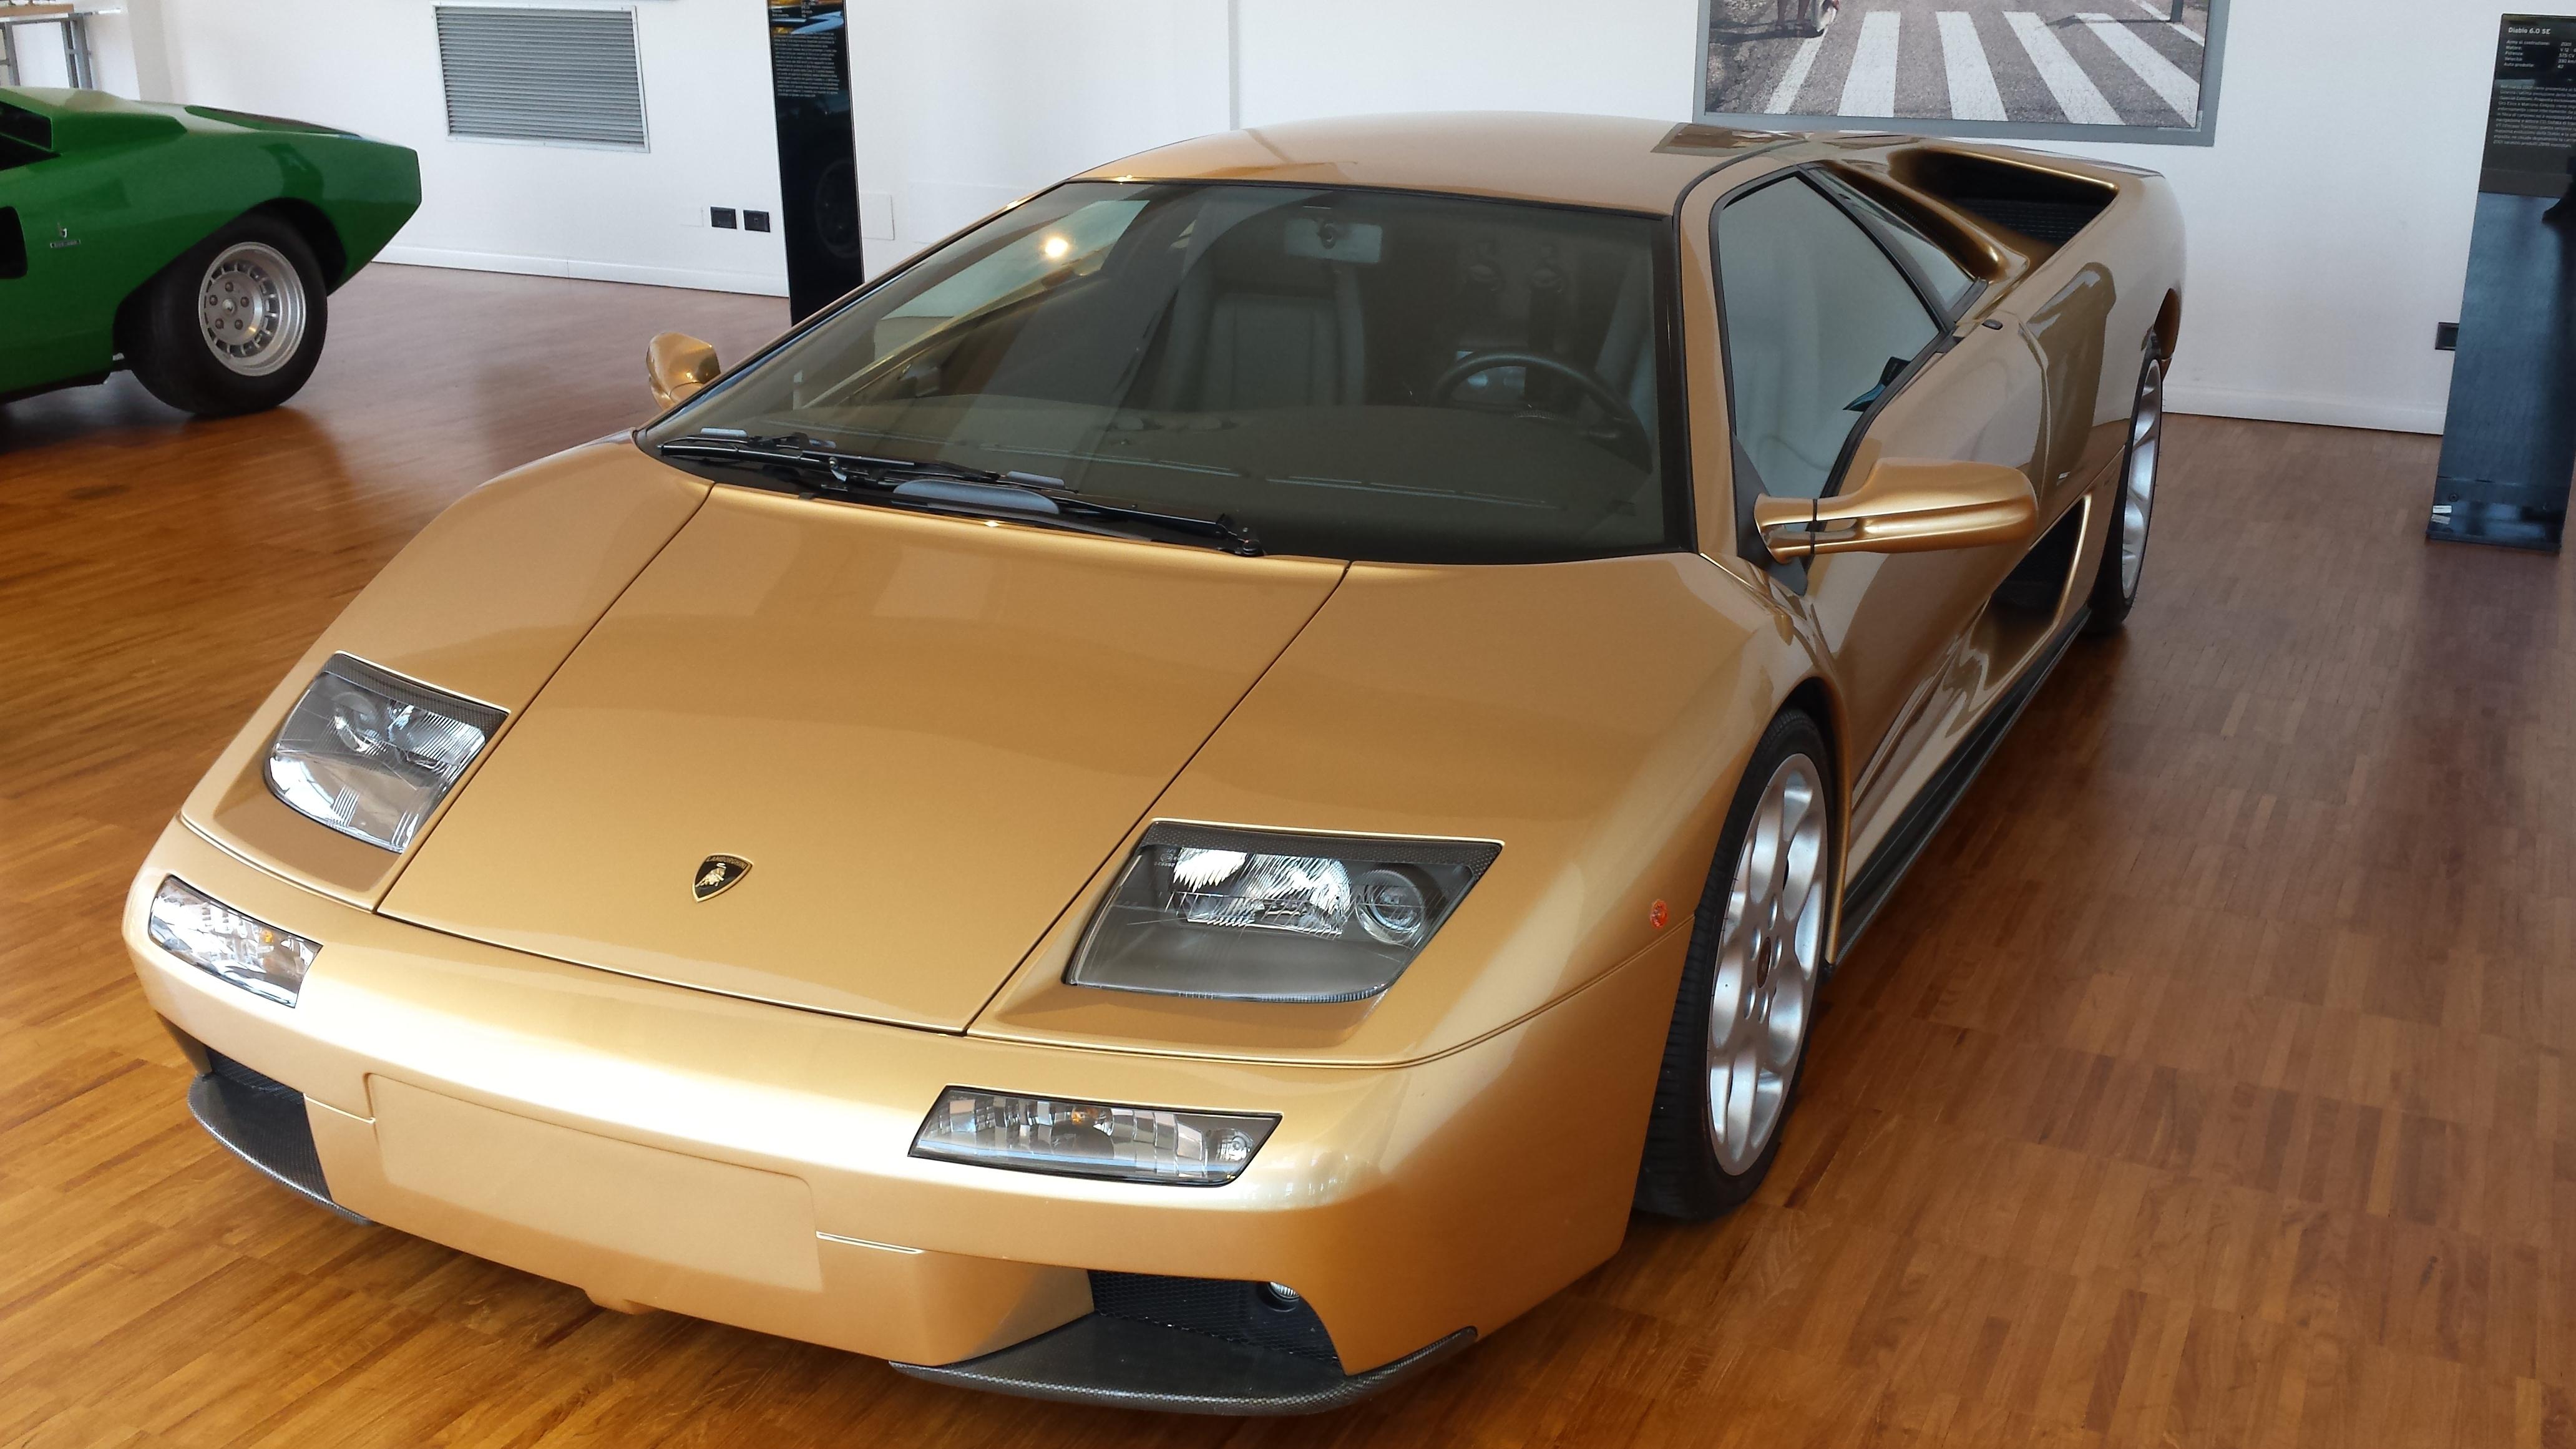 Pictures Of Lamborghini Diablo